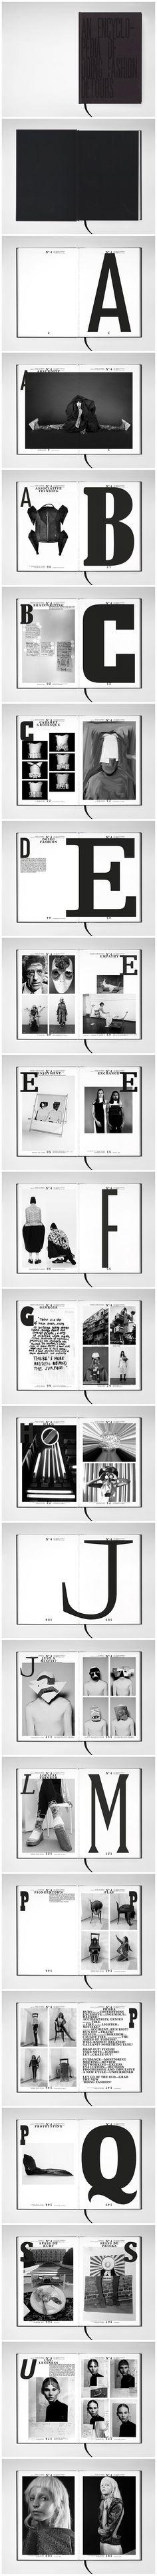 Durch Zufall auf Claudiabasel, ein Grafik-Büro aus der Schweiz, gestoßen und sehr begeistert von ihren Arbeiten. Finde großartig, wie frei und zusammenspielend sie mit Schrift, Fotografie und Grafik umgeht.